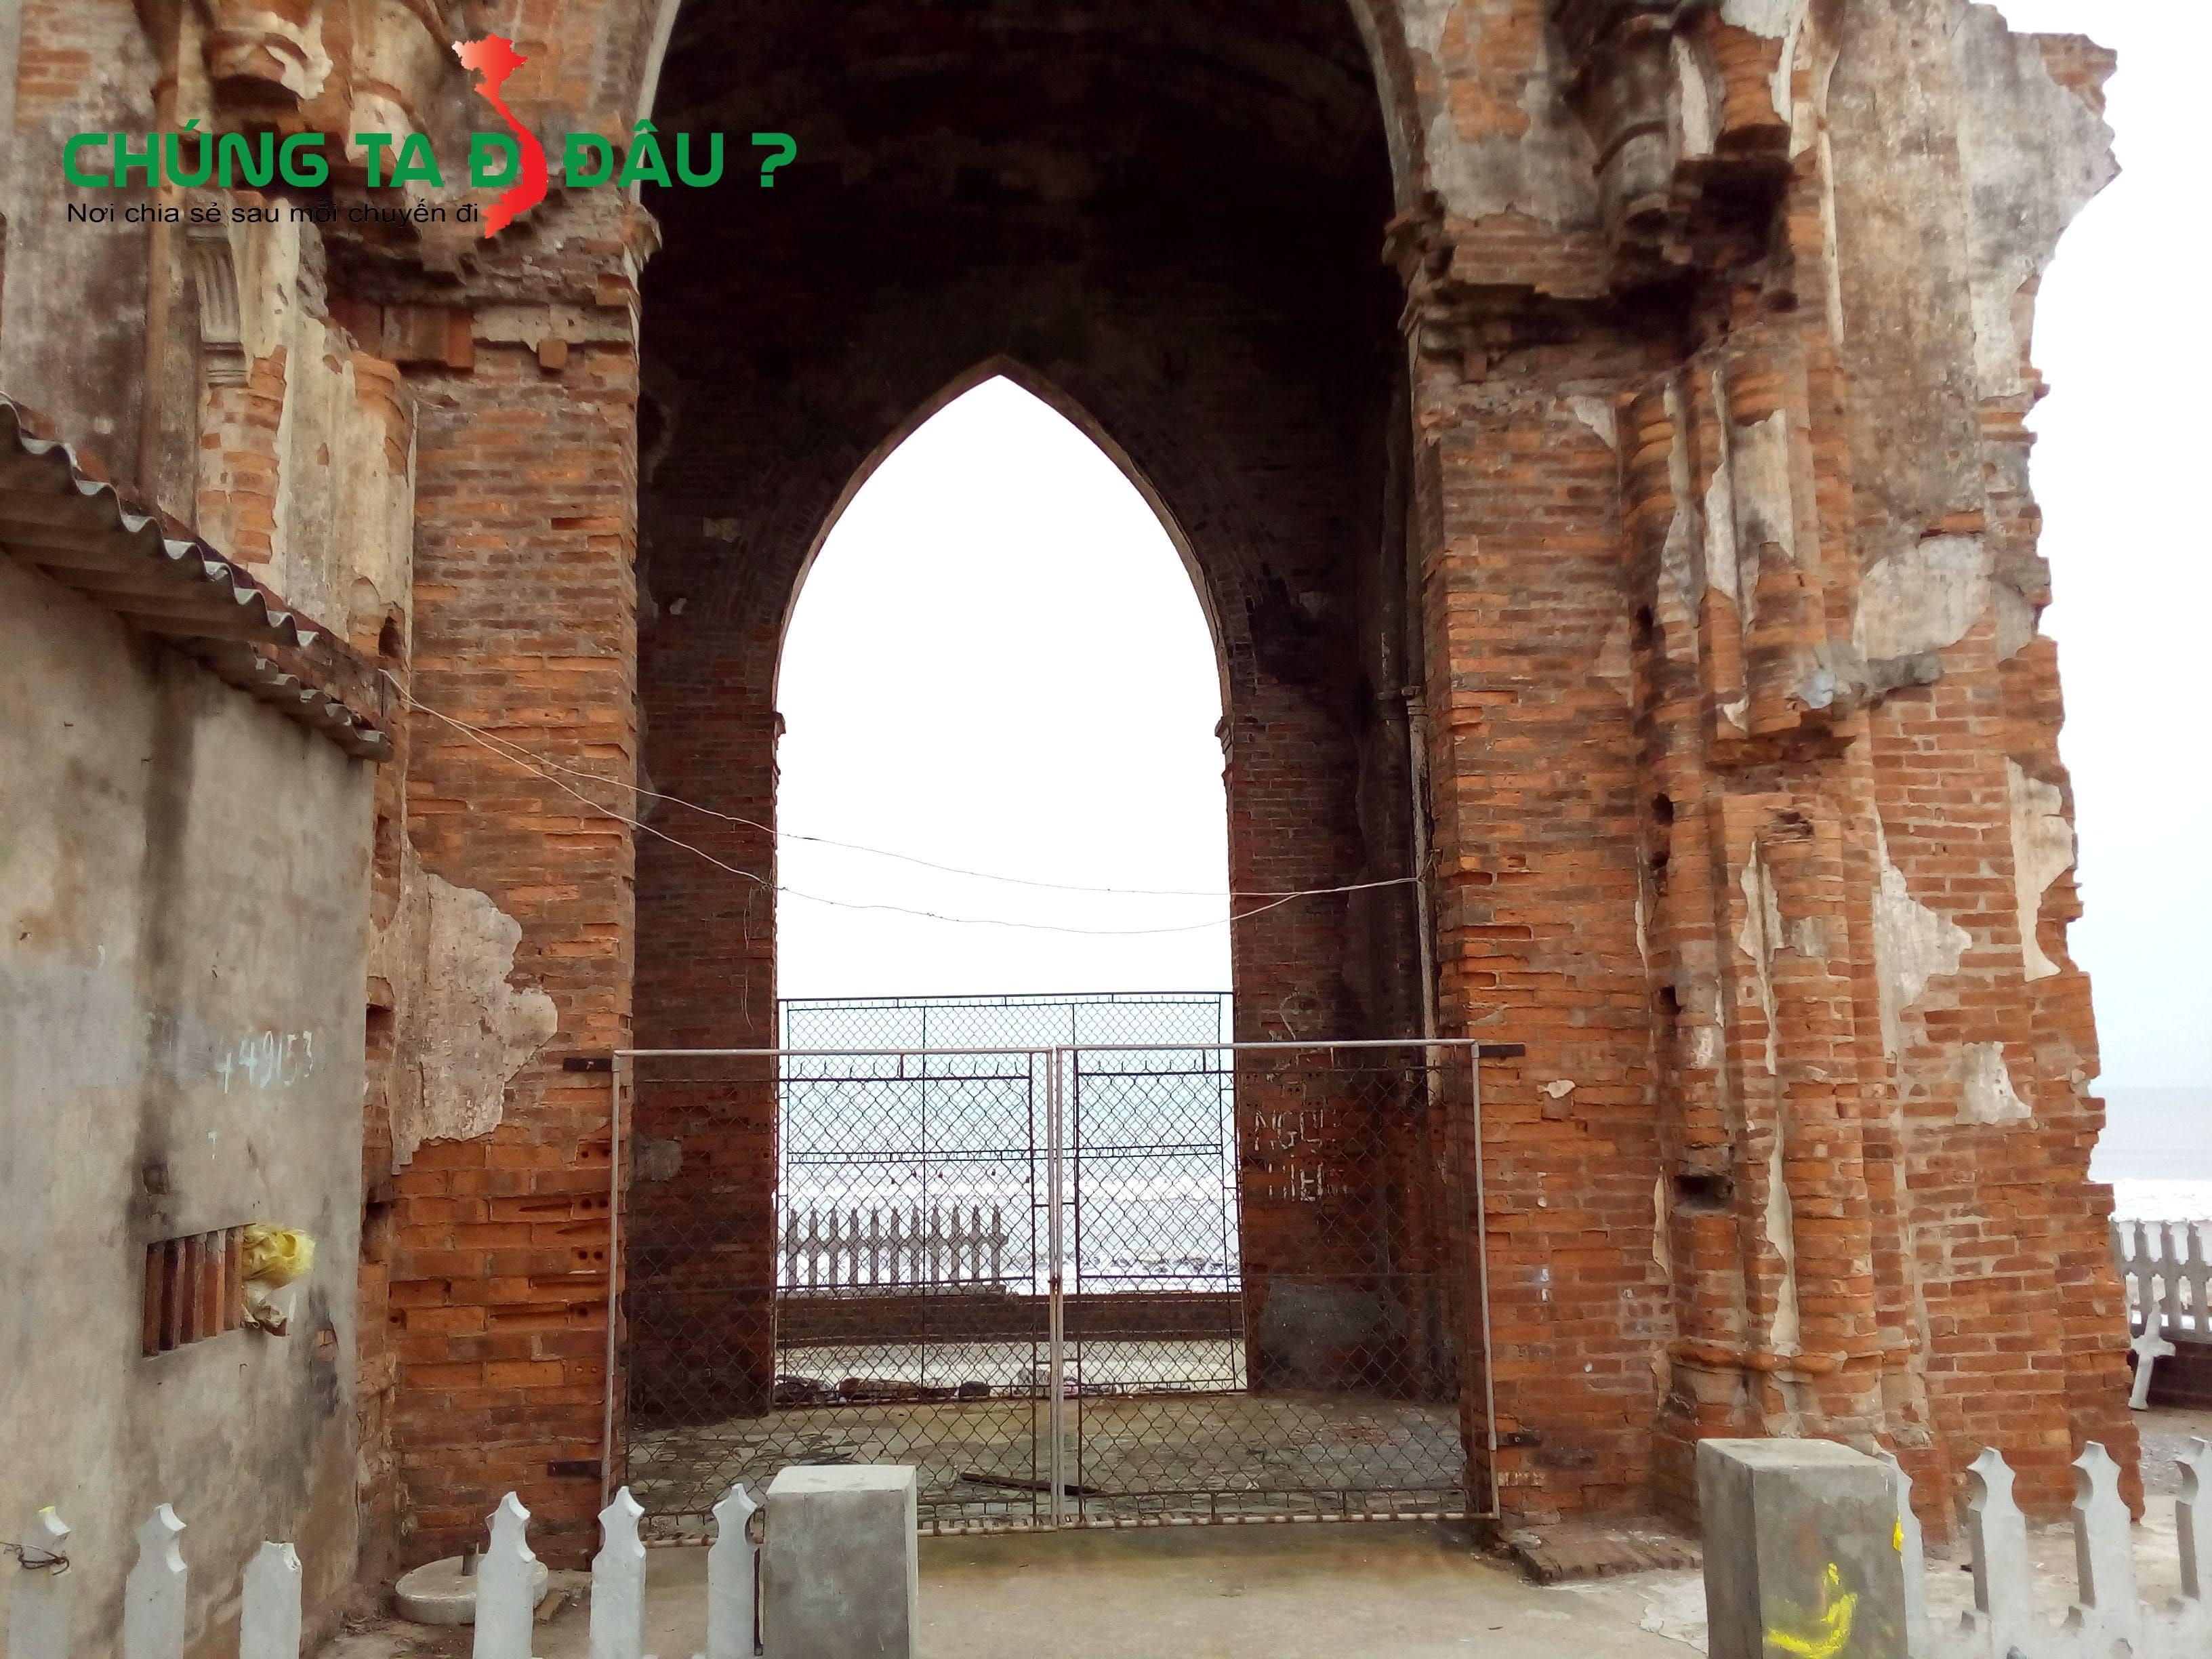 Rào chắn không cho du khách vào bên trong nhà thờ